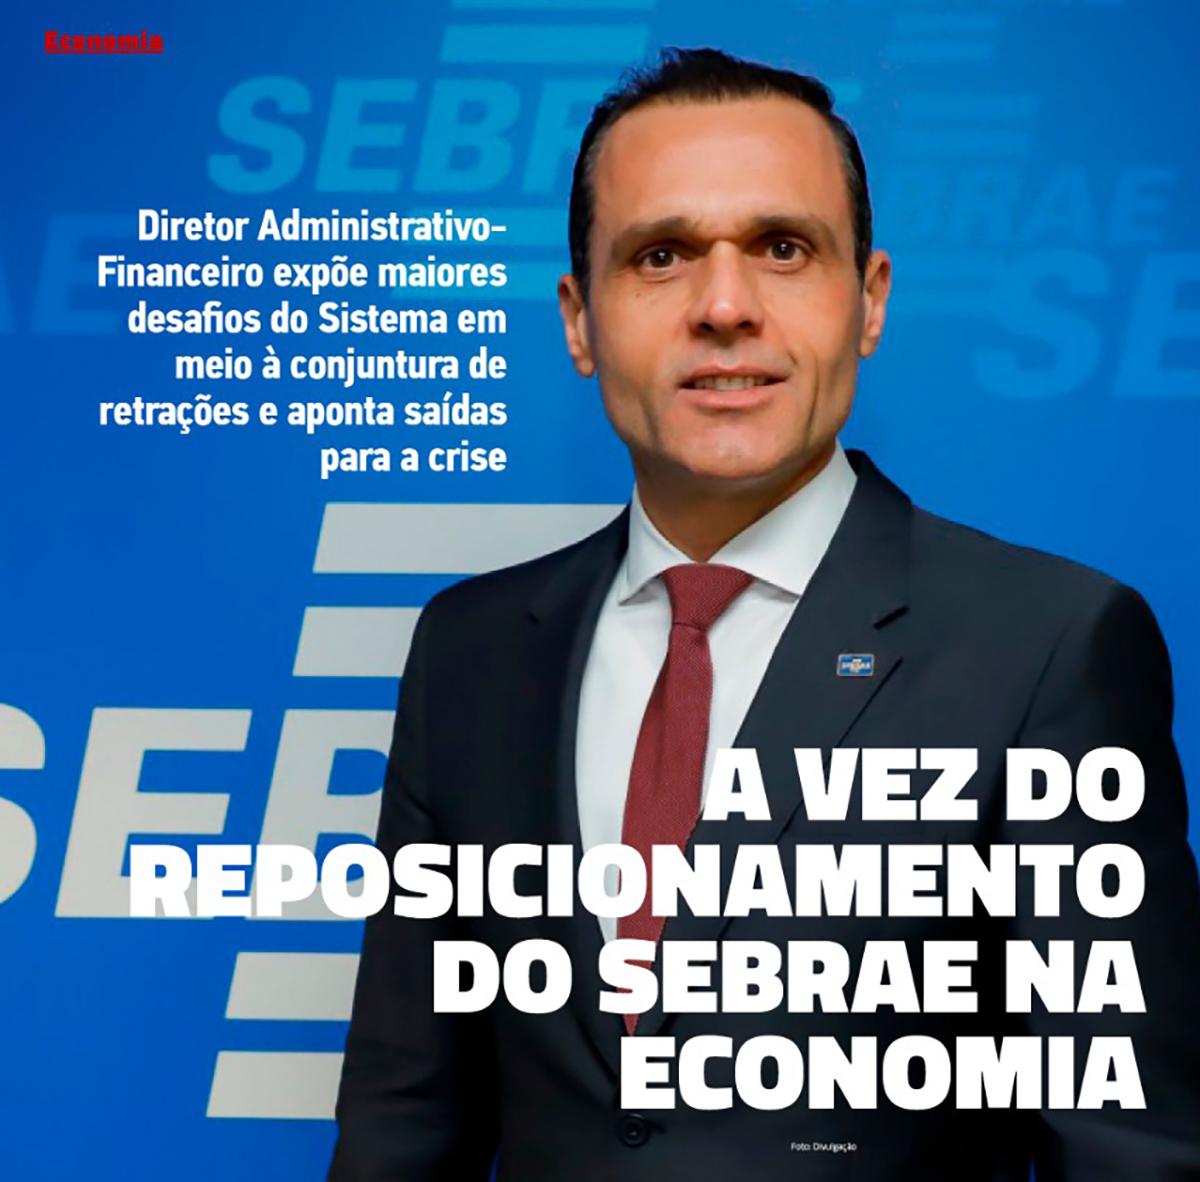 Entrevista na Revista Nordeste